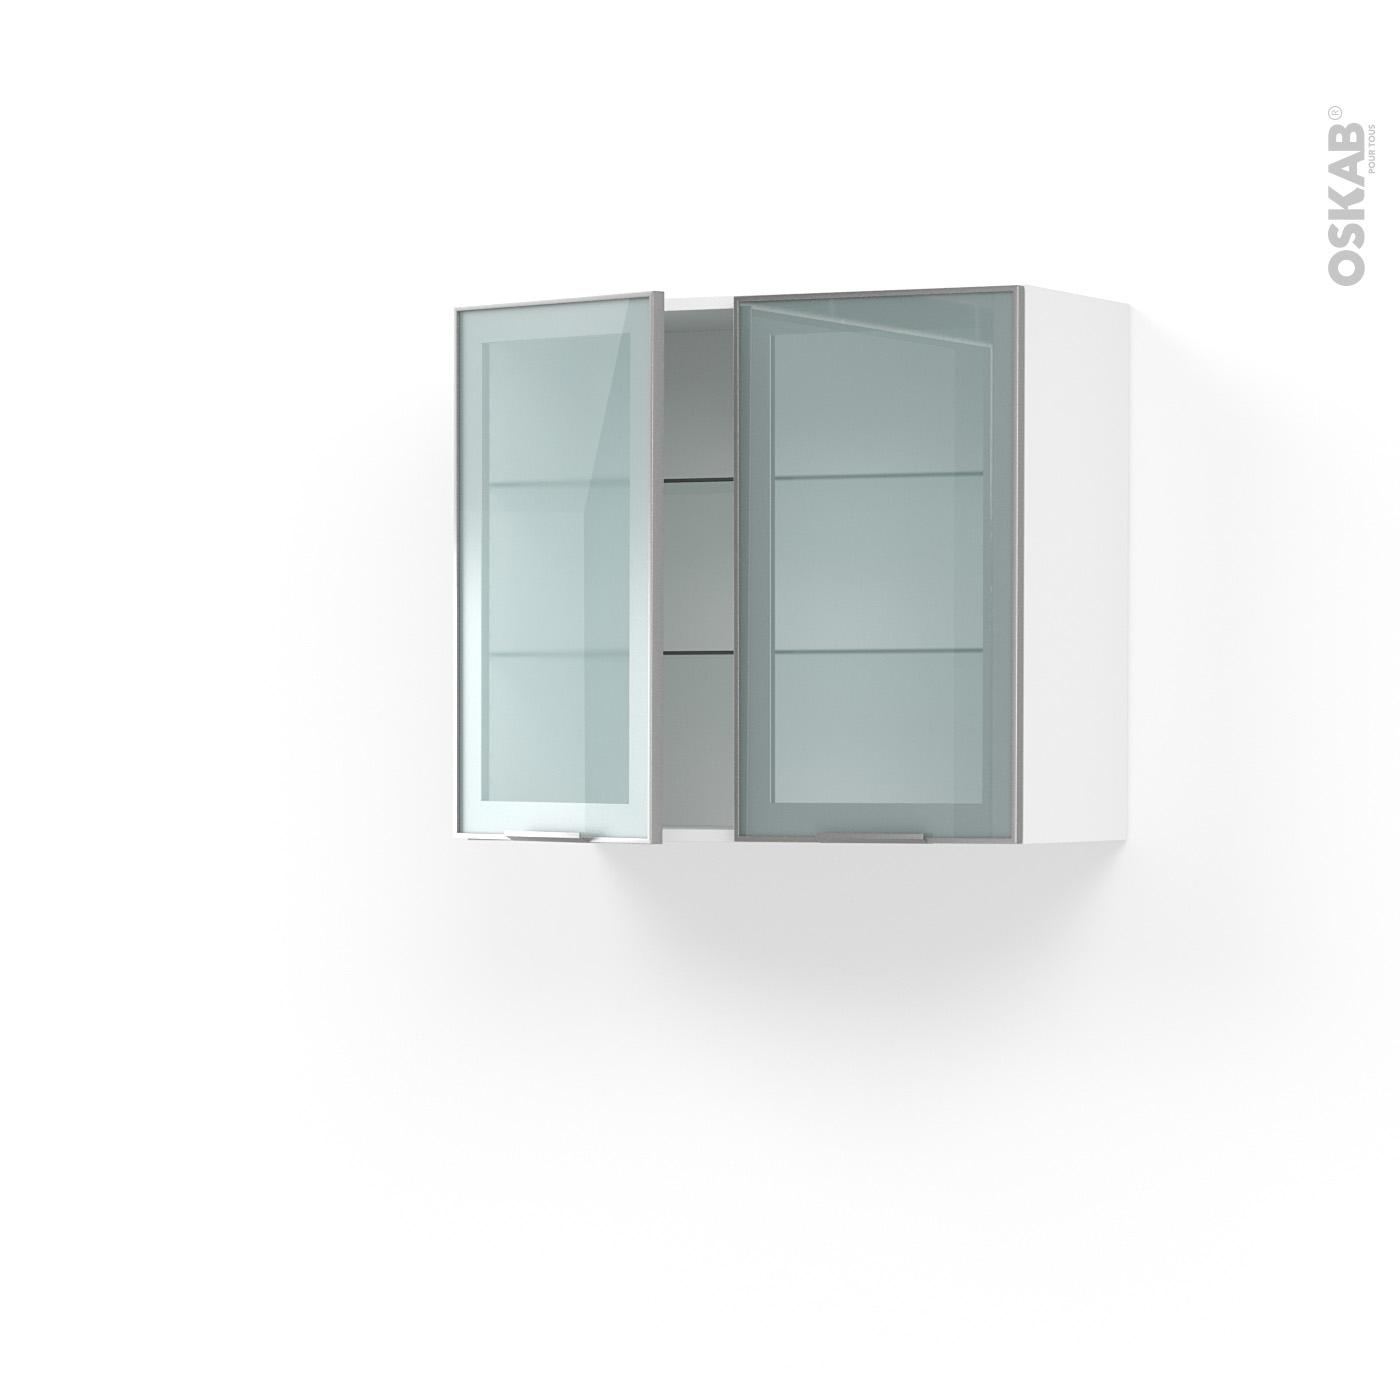 meuble de cuisine haut ouvrant vitré façade alu 2 portes l80 x h70 x